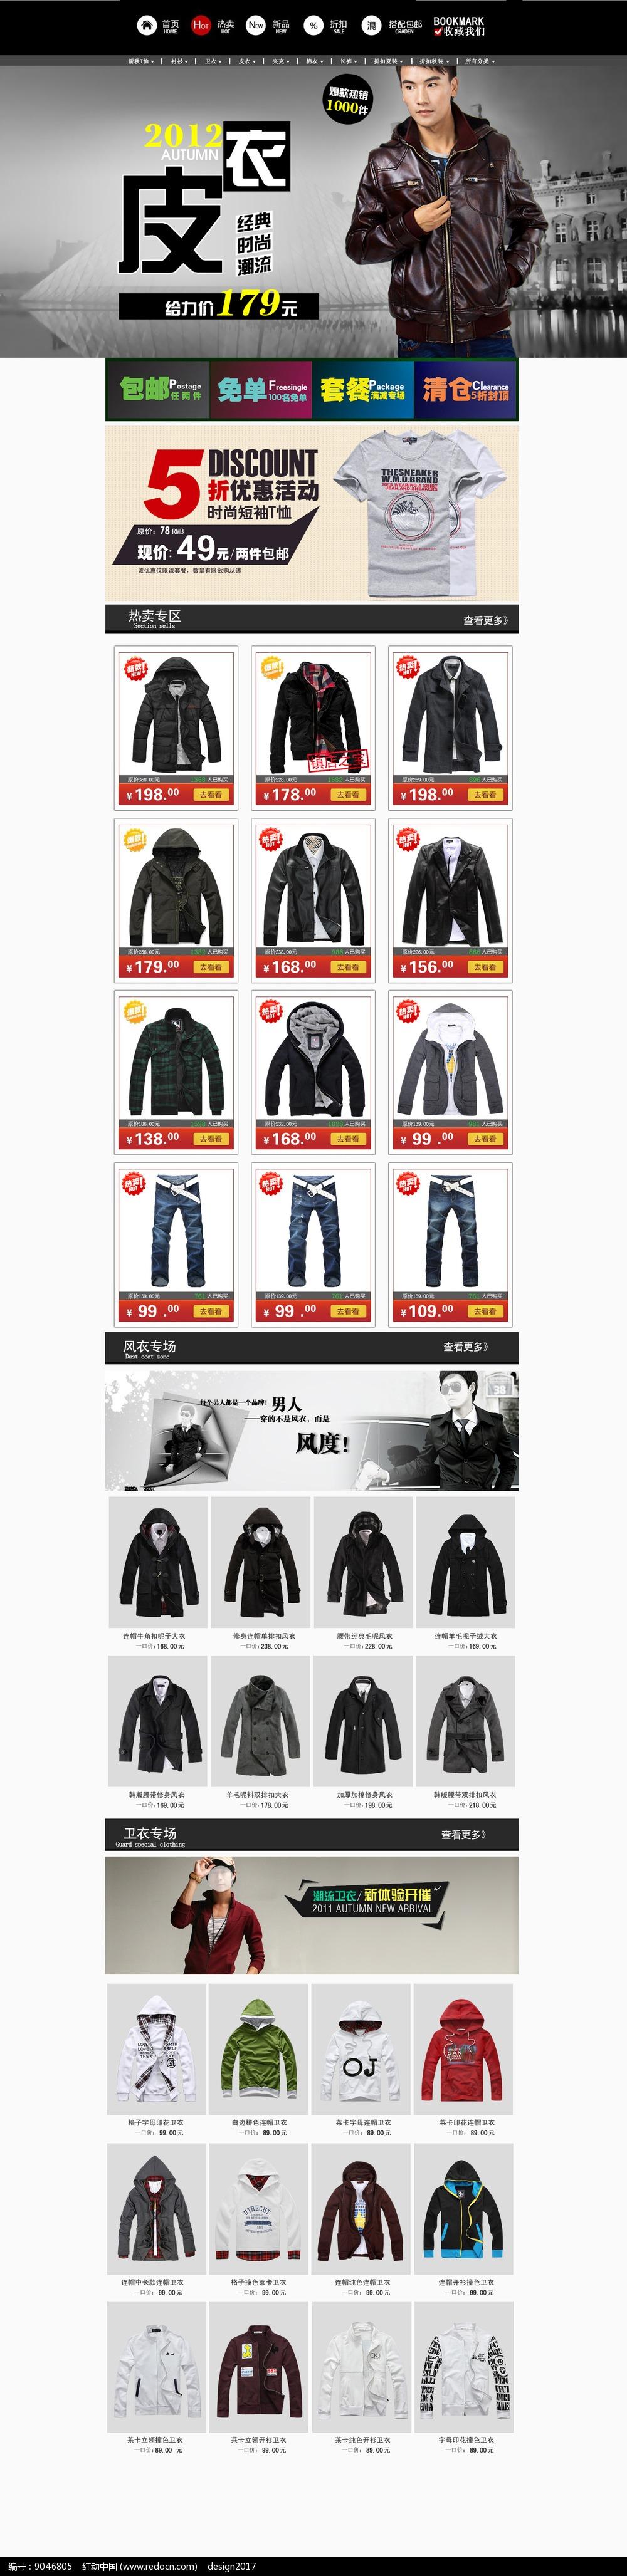 男装促销网页PSD素材图片